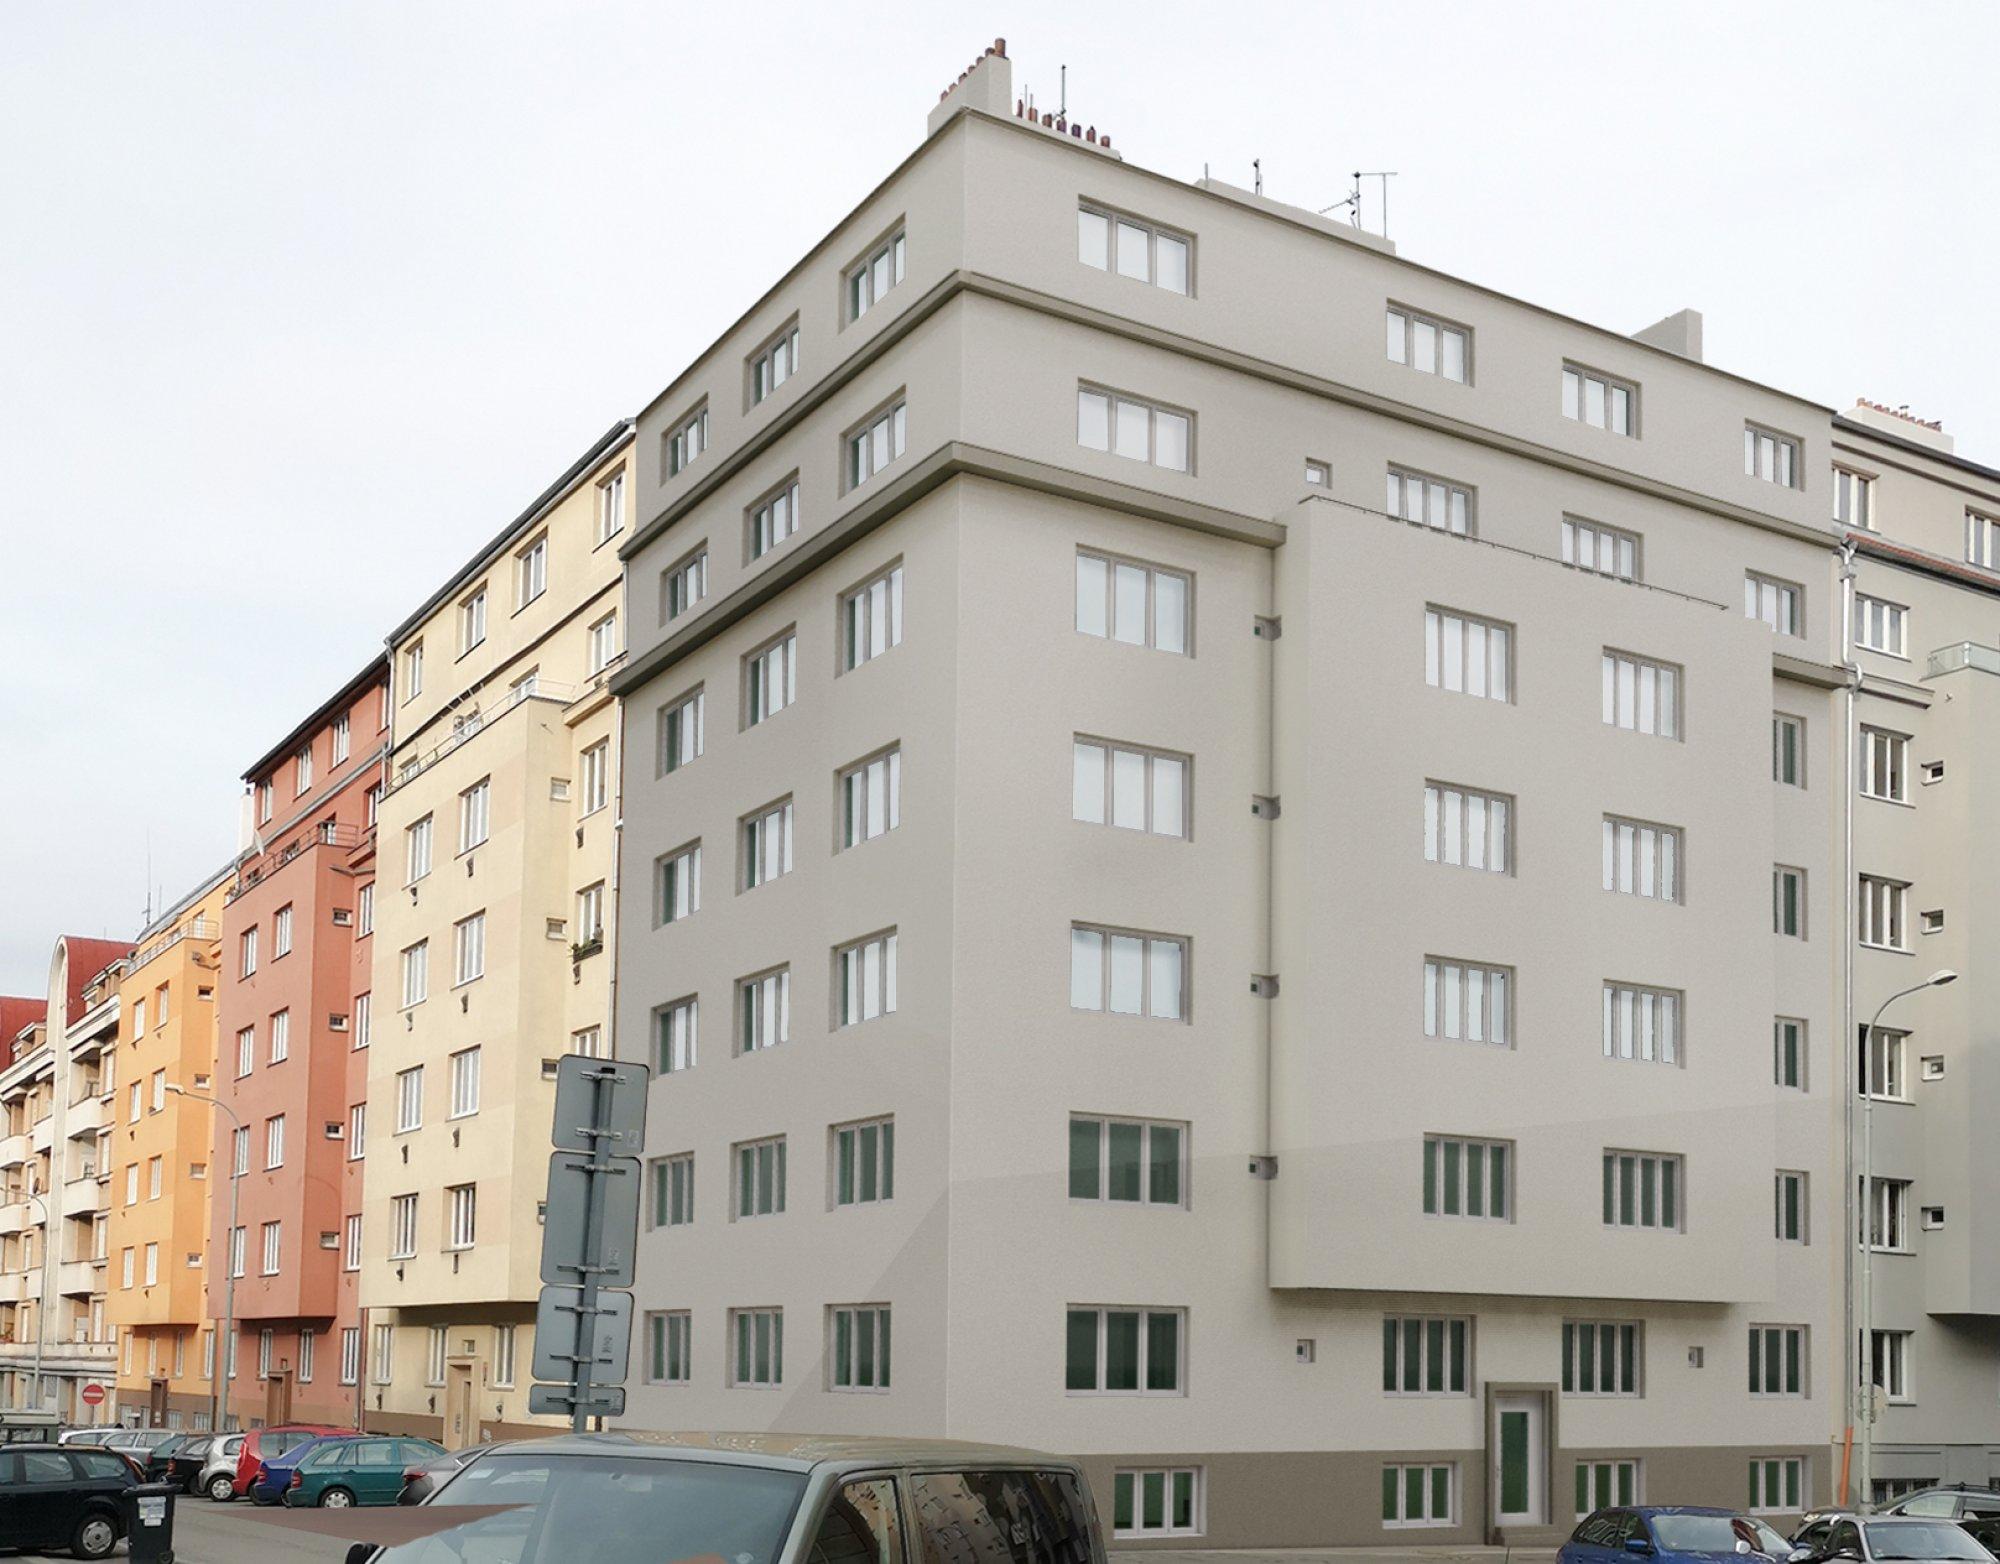 Vizualizace rohová - developerský projekt Viklefova, ulice Viklefova, Praha 8 - Žižkov | 1